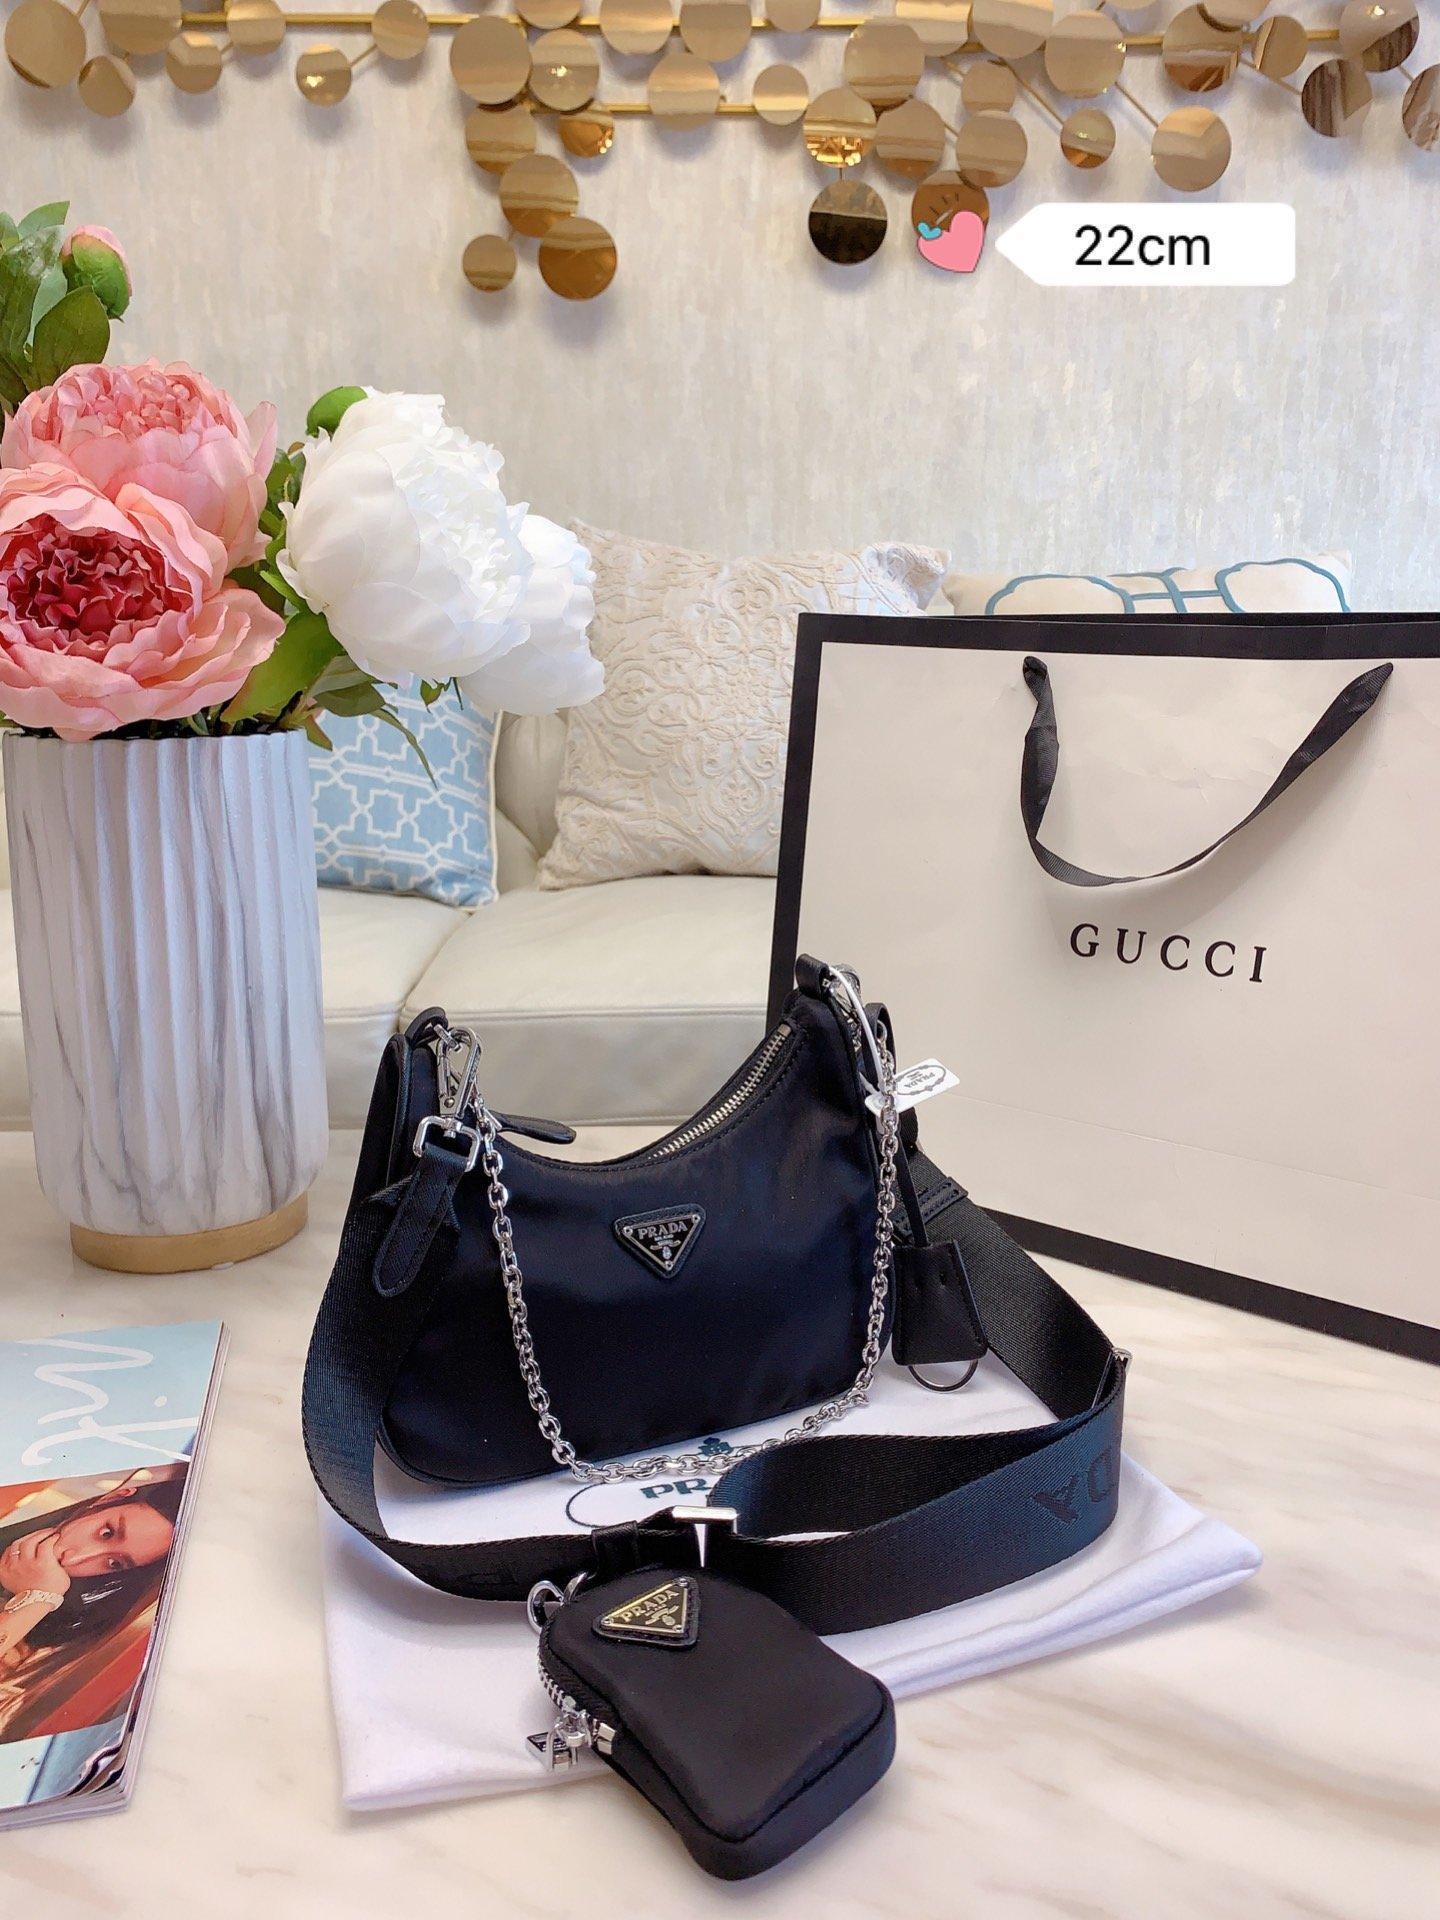 2020 Nuevo bolso de las mujeresPRADAbolsos de las mujeresDiseñador de bolsos de lujos Bolsas de mujereshombro de la maneraLa bolsa 002